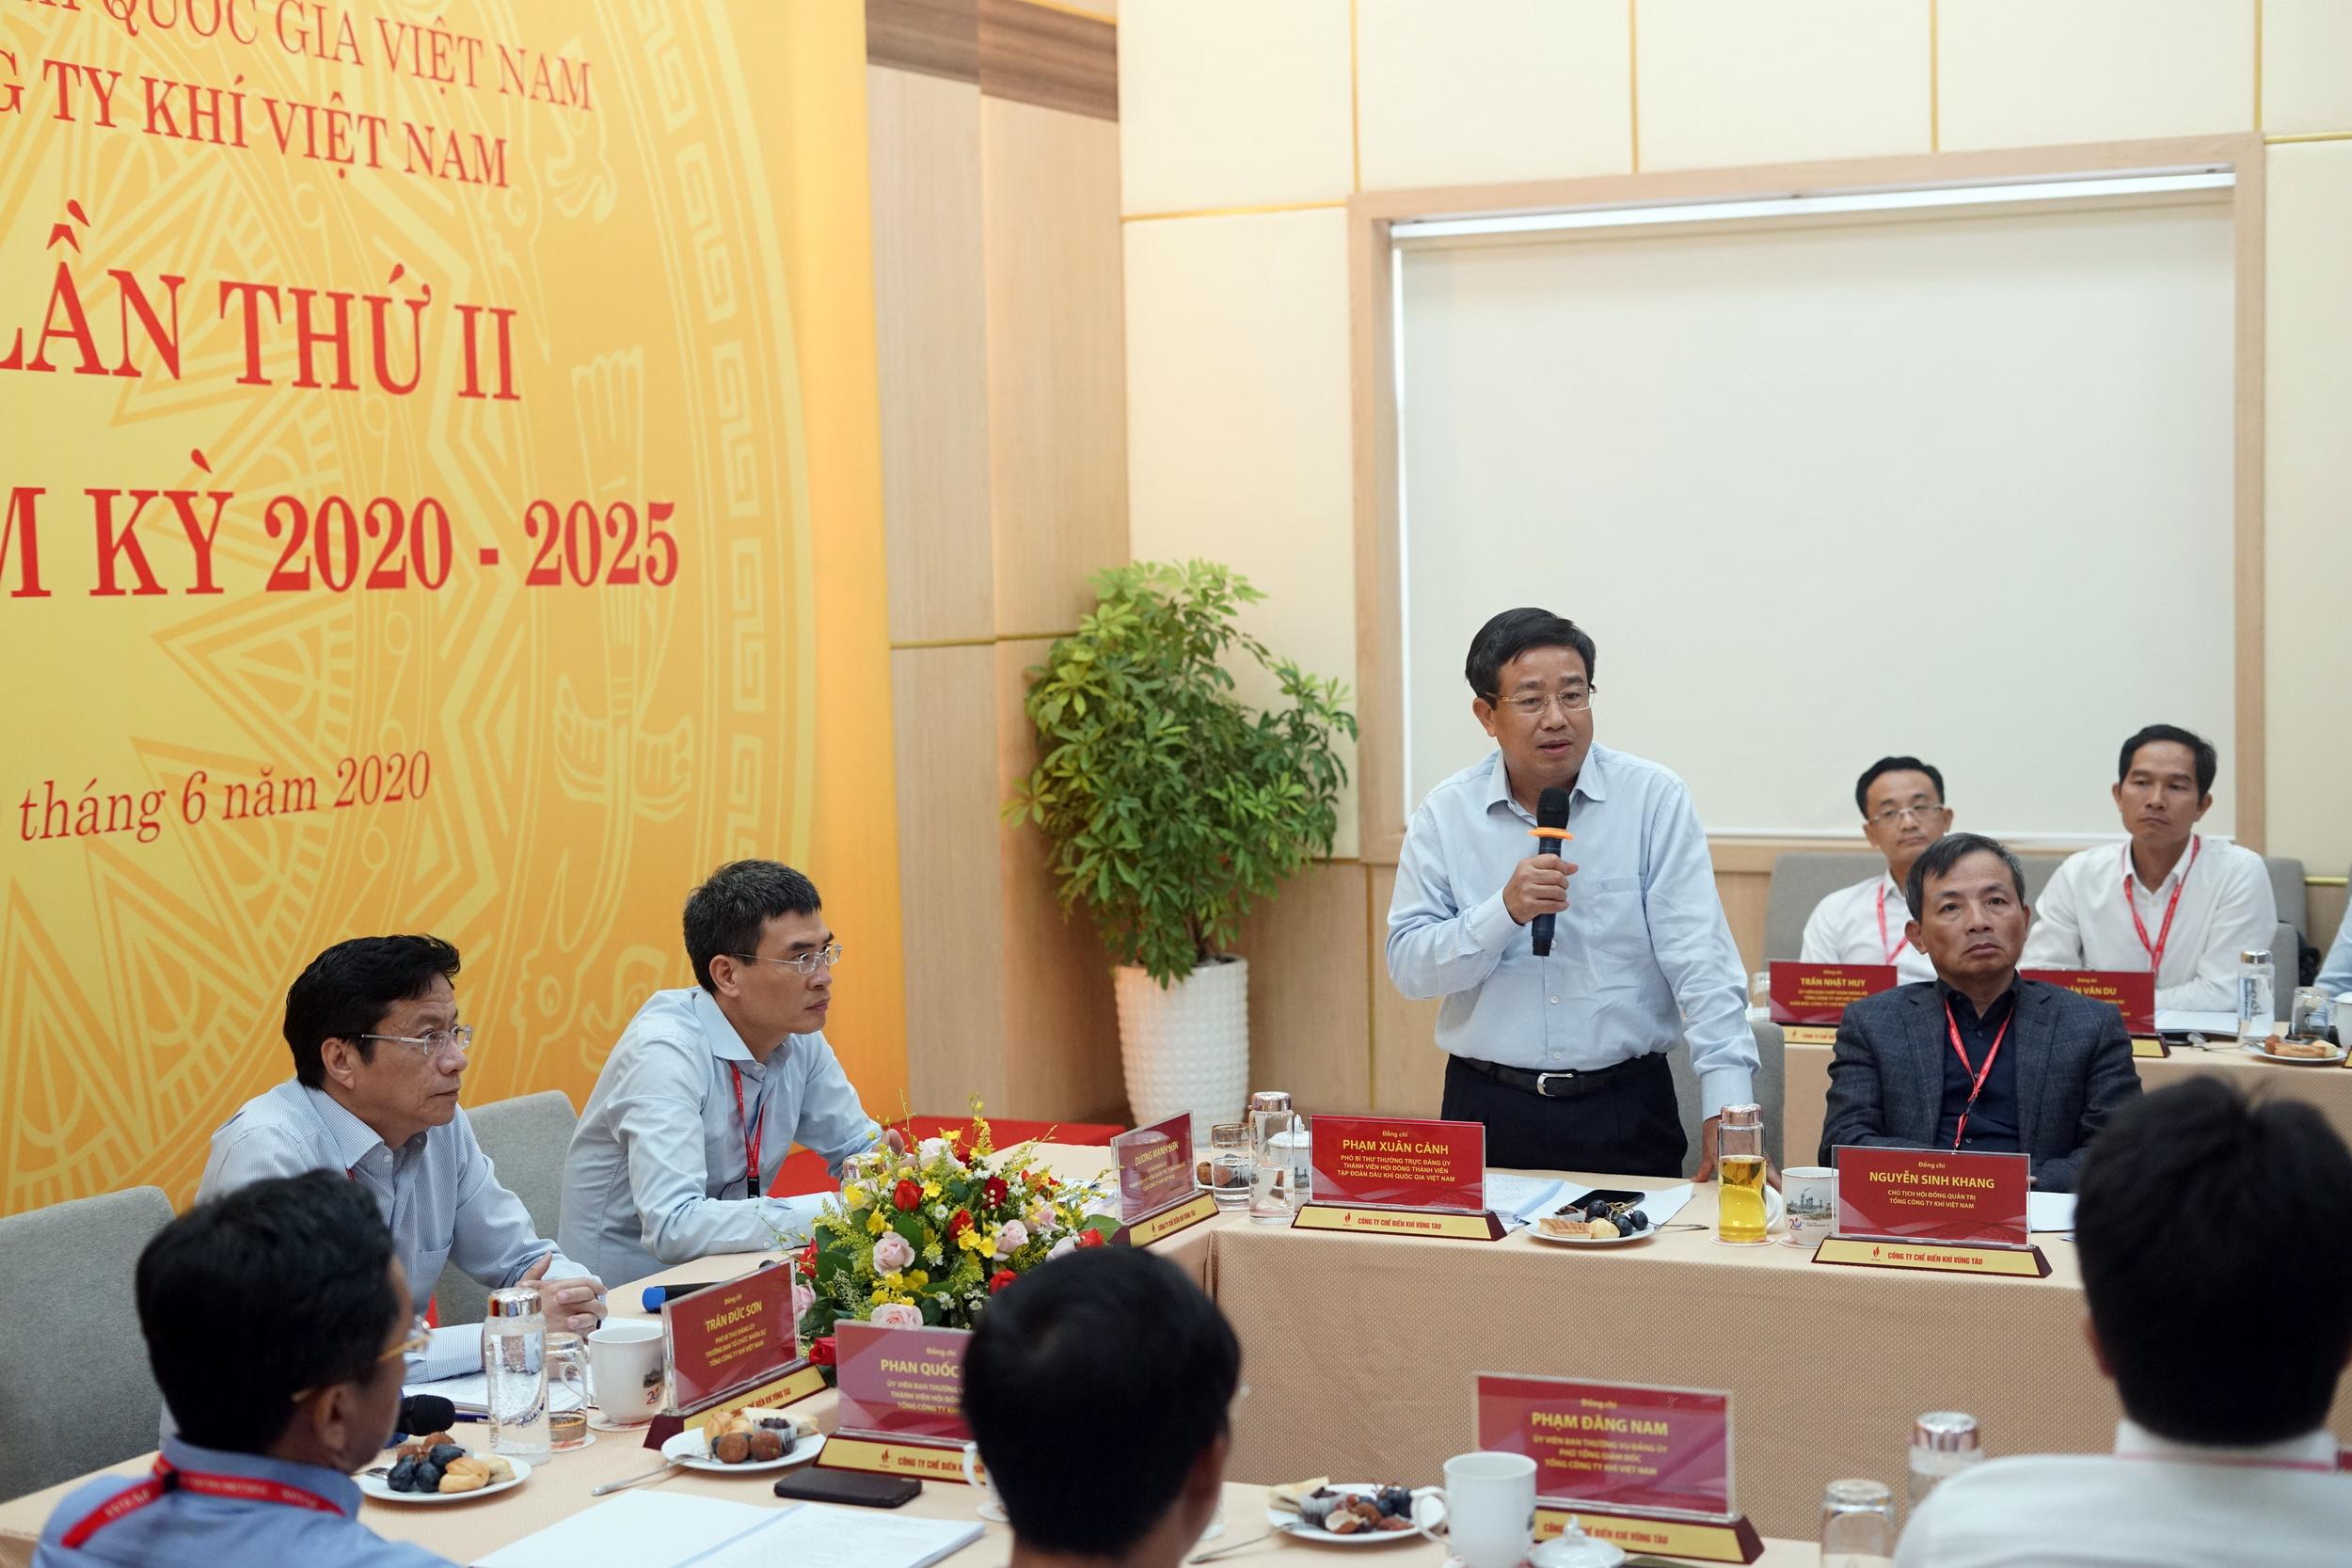 Phát biểu chỉ đạo của  đồng chí Phạm Xuân Cảnh – Phó Bí thư Thường trực Đảng ủy, thành viên HĐTV Tập đoàn Dầu khí Việt Nam.